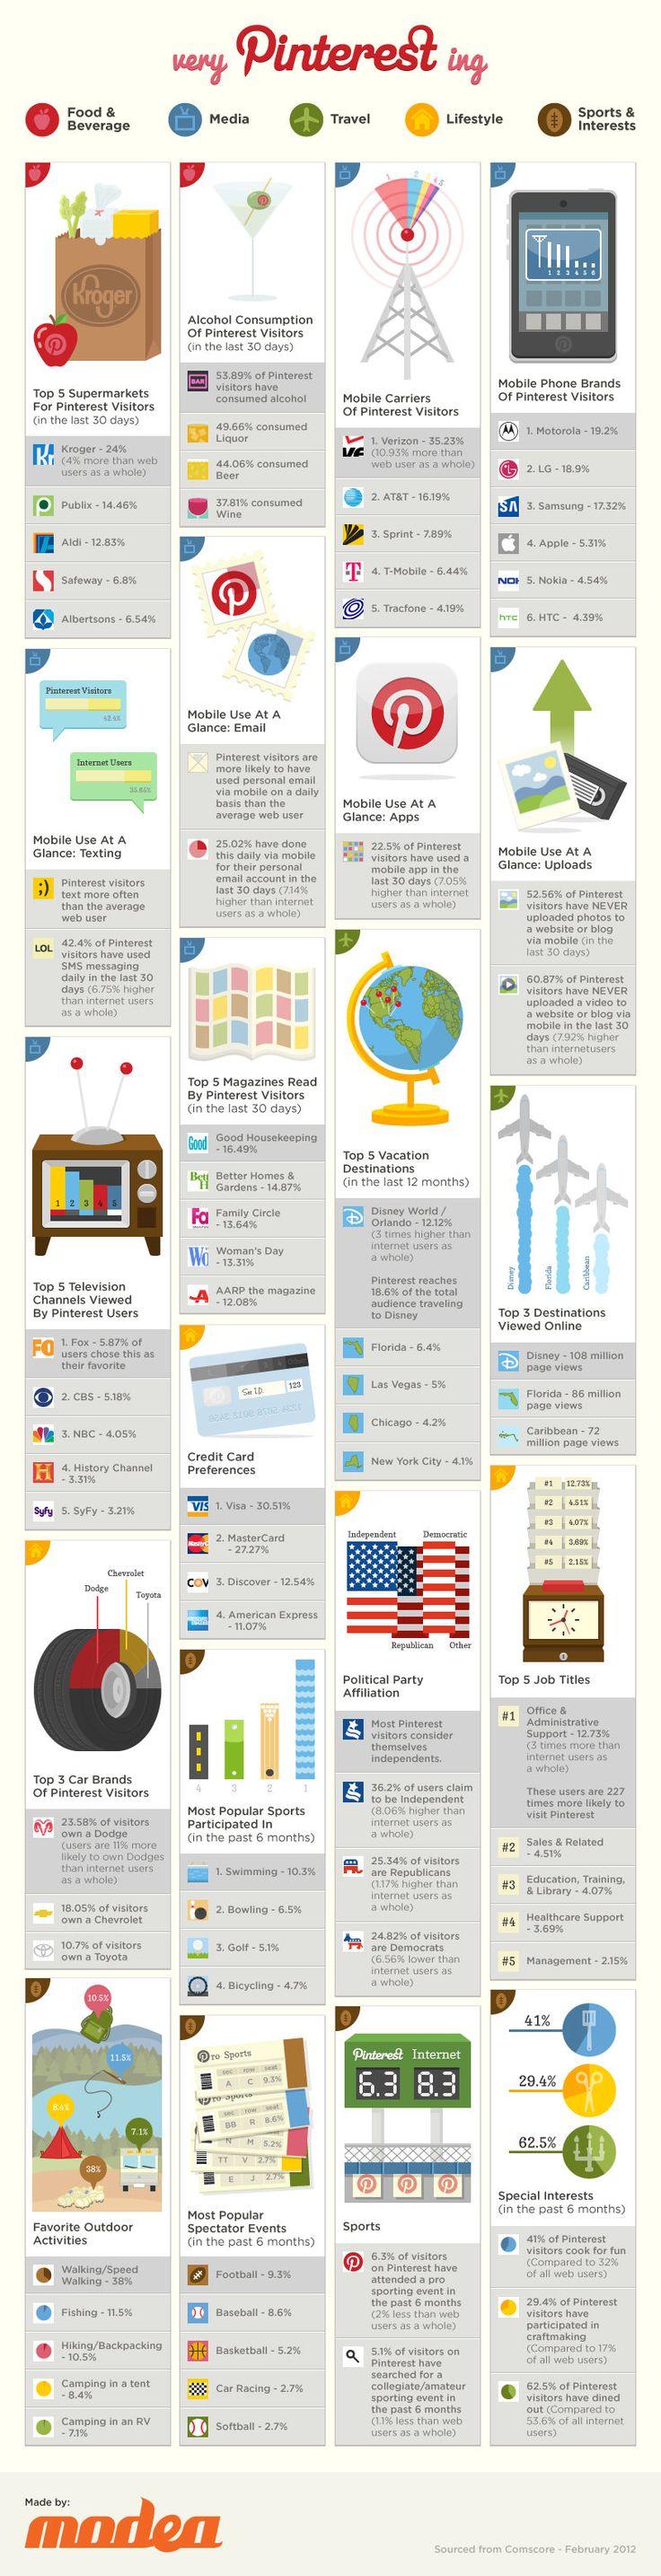 Las preferencias de los usuarios de Pinterest en una infografía